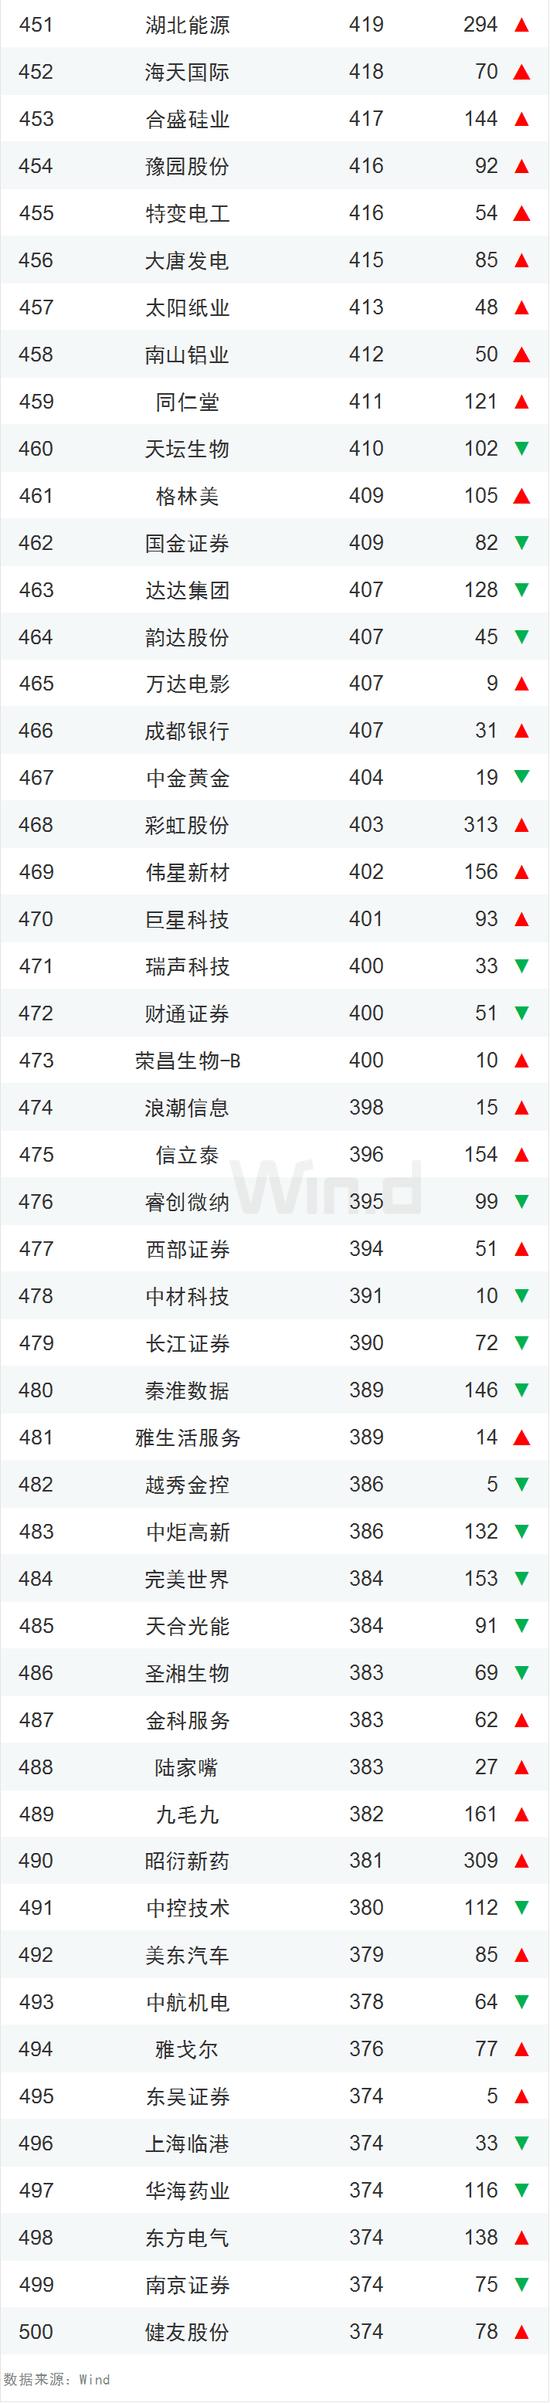 中国企业市值500强一览:腾讯阿里霸榜、茅台紧随其后的照片 - 11